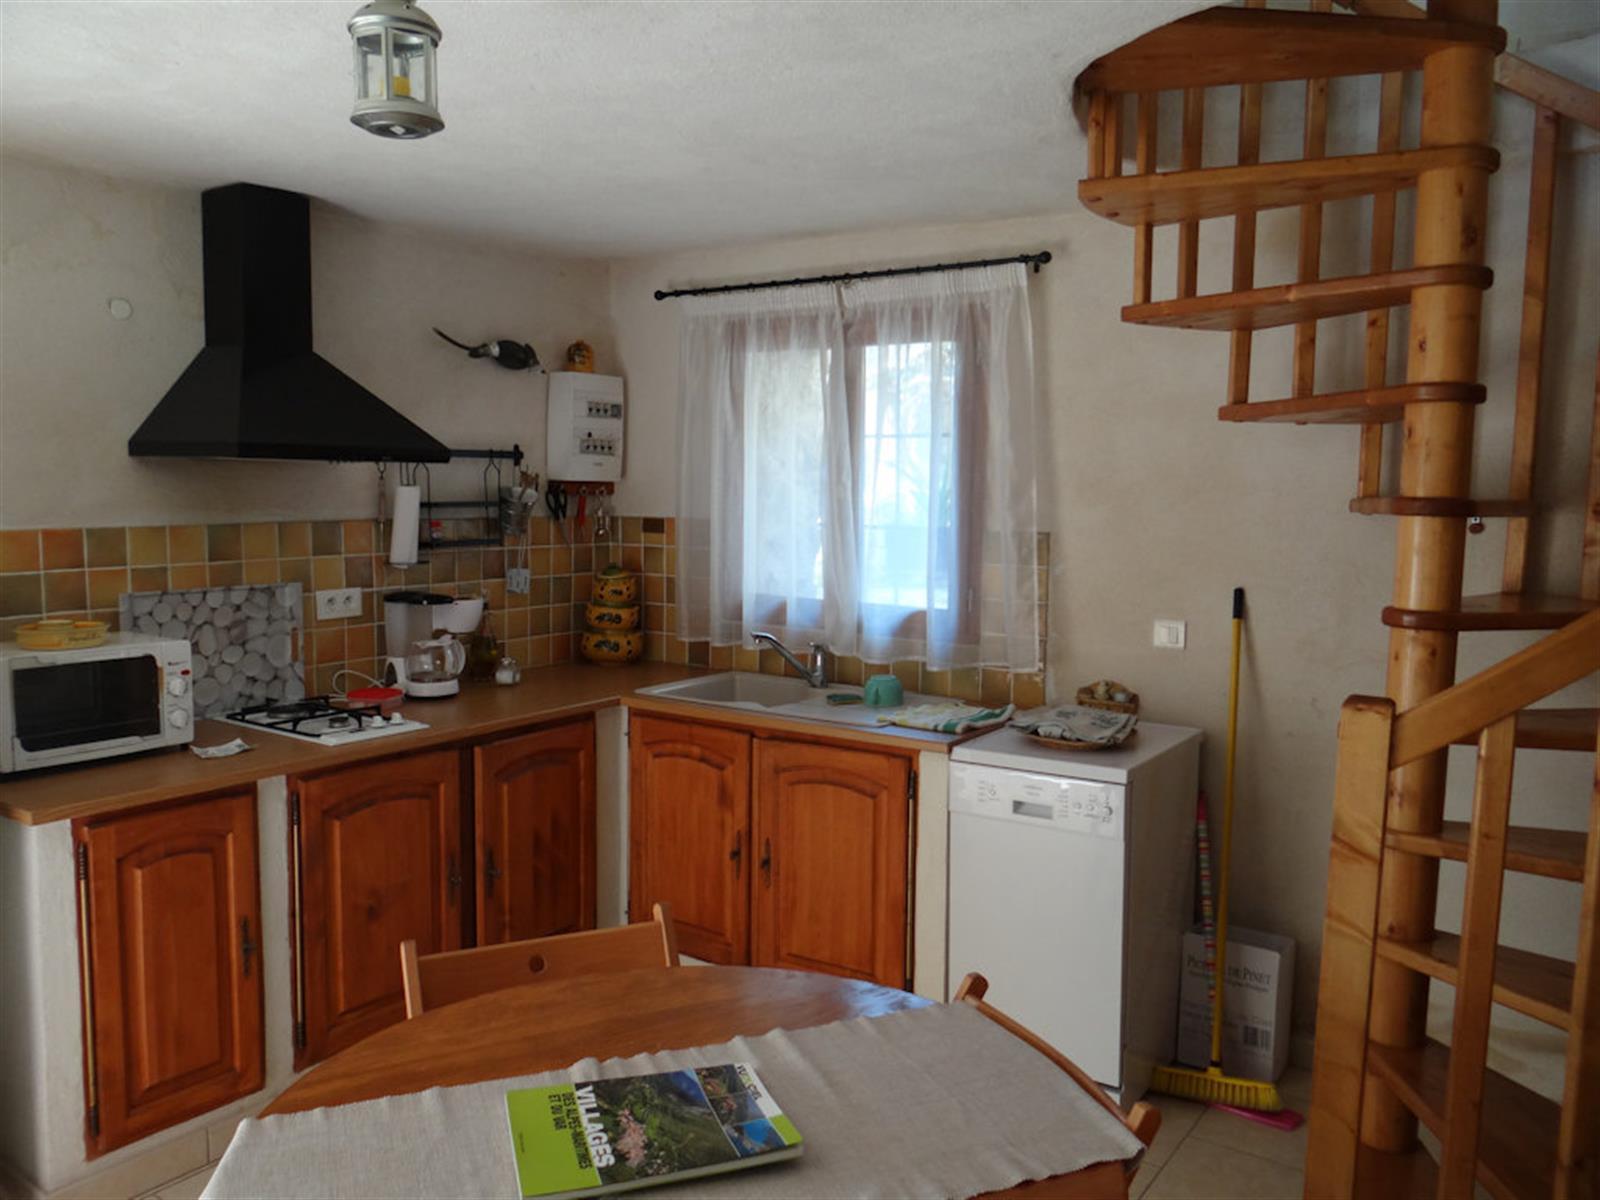 Maison de vacances - St-Cezaire-sur-Siagne (Grotte) - #4281618-1